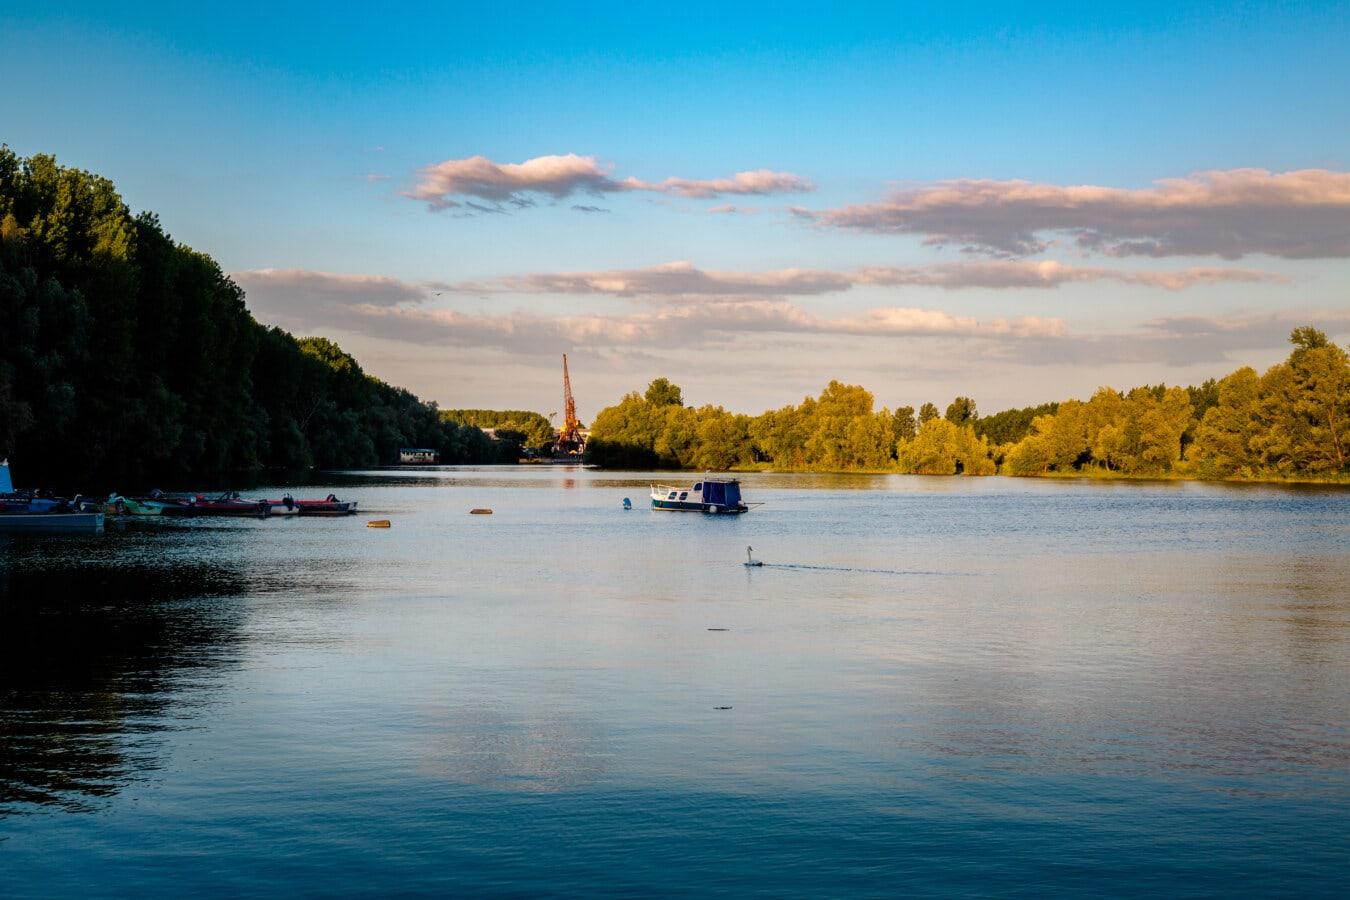 člny, pri jazere, súmraku, pokojný, atmosféra, voda, Príroda, breh, západ slnka, jazero